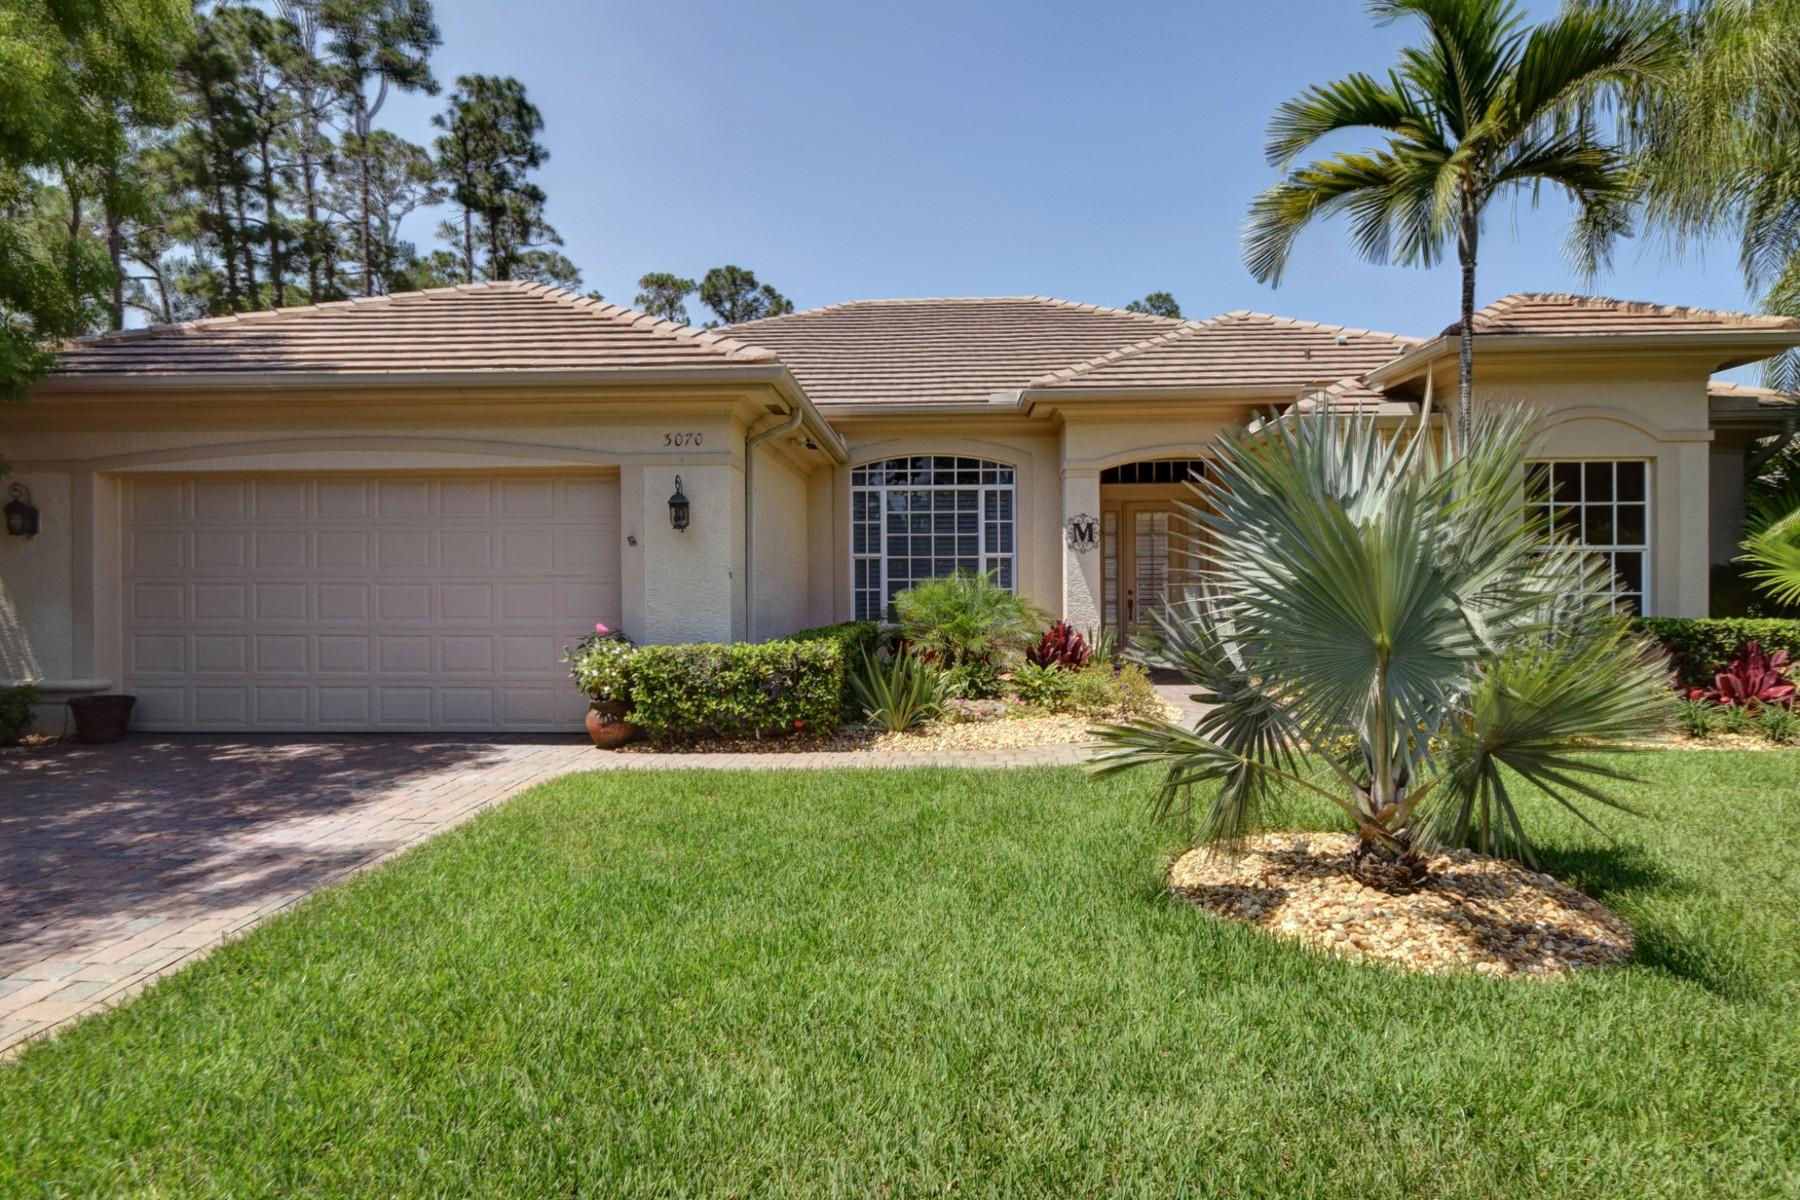 Nhà ở một gia đình vì Bán tại Former Model, Pool, Super Private on Cul-De-Sac 3070 Peachtree St SW Vero Beach, Florida 32968 Hoa Kỳ